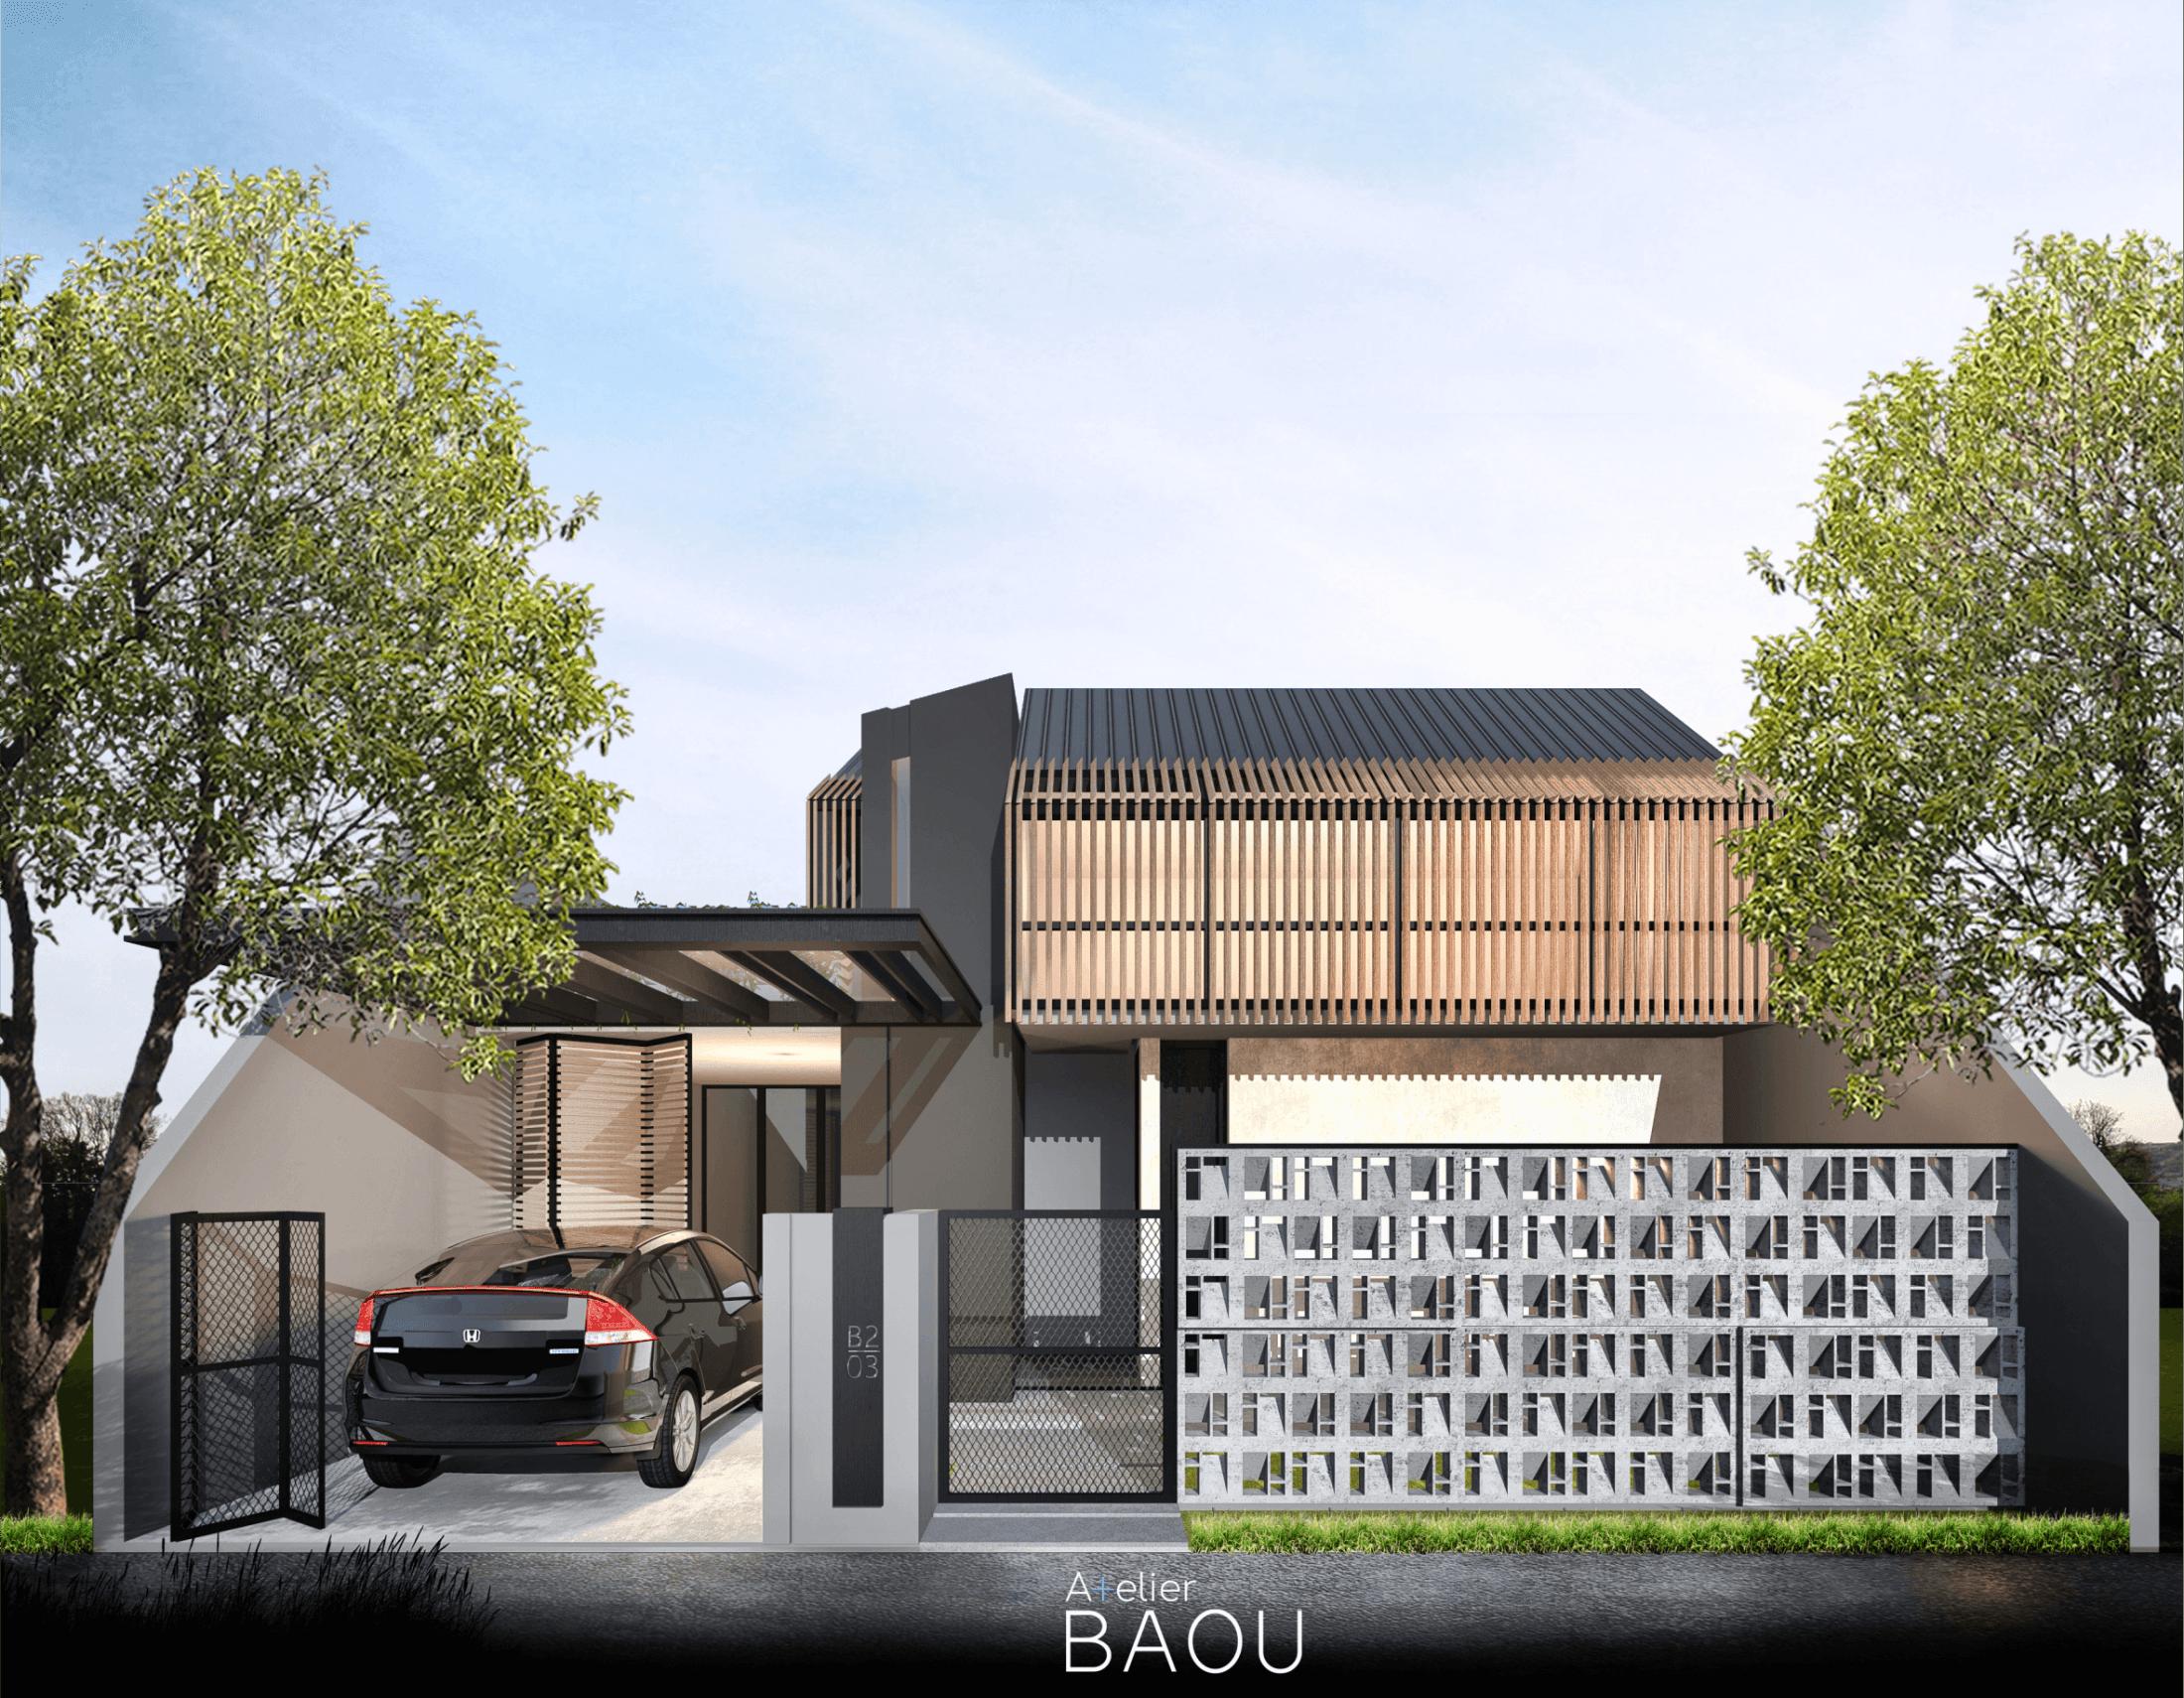 Atelier Baou Ss House Serang, Kec. Serang, Kota Serang, Banten, Indonesia Serang, Kec. Serang, Kota Serang, Banten, Indonesia Atelier-Baou-Ss-House  86462